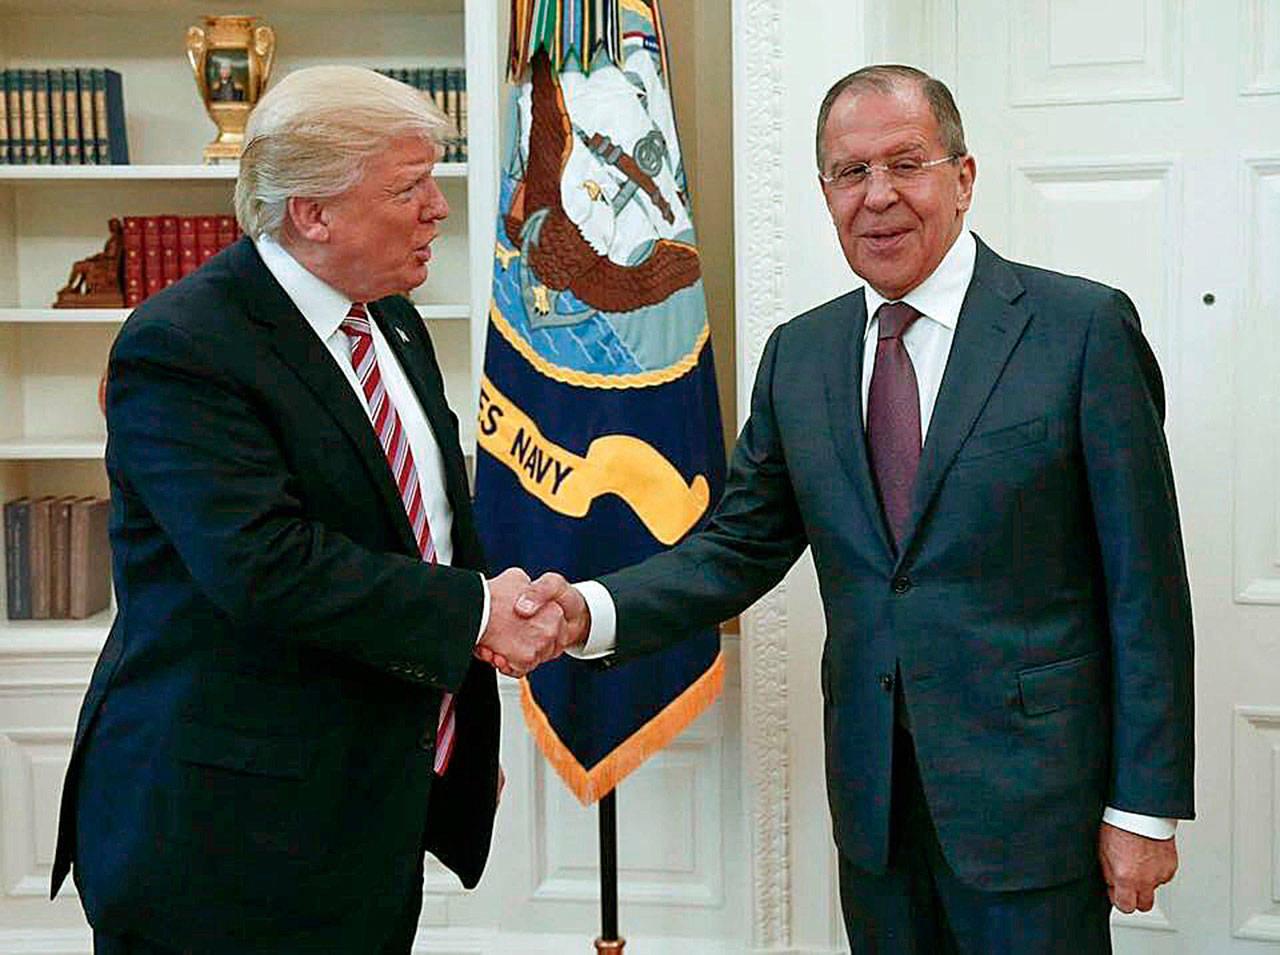 دونالد ترامپ از مسکو خواست که بشار اسد، ایران و گروه های مسلح مورد حمایت او را مهار کند